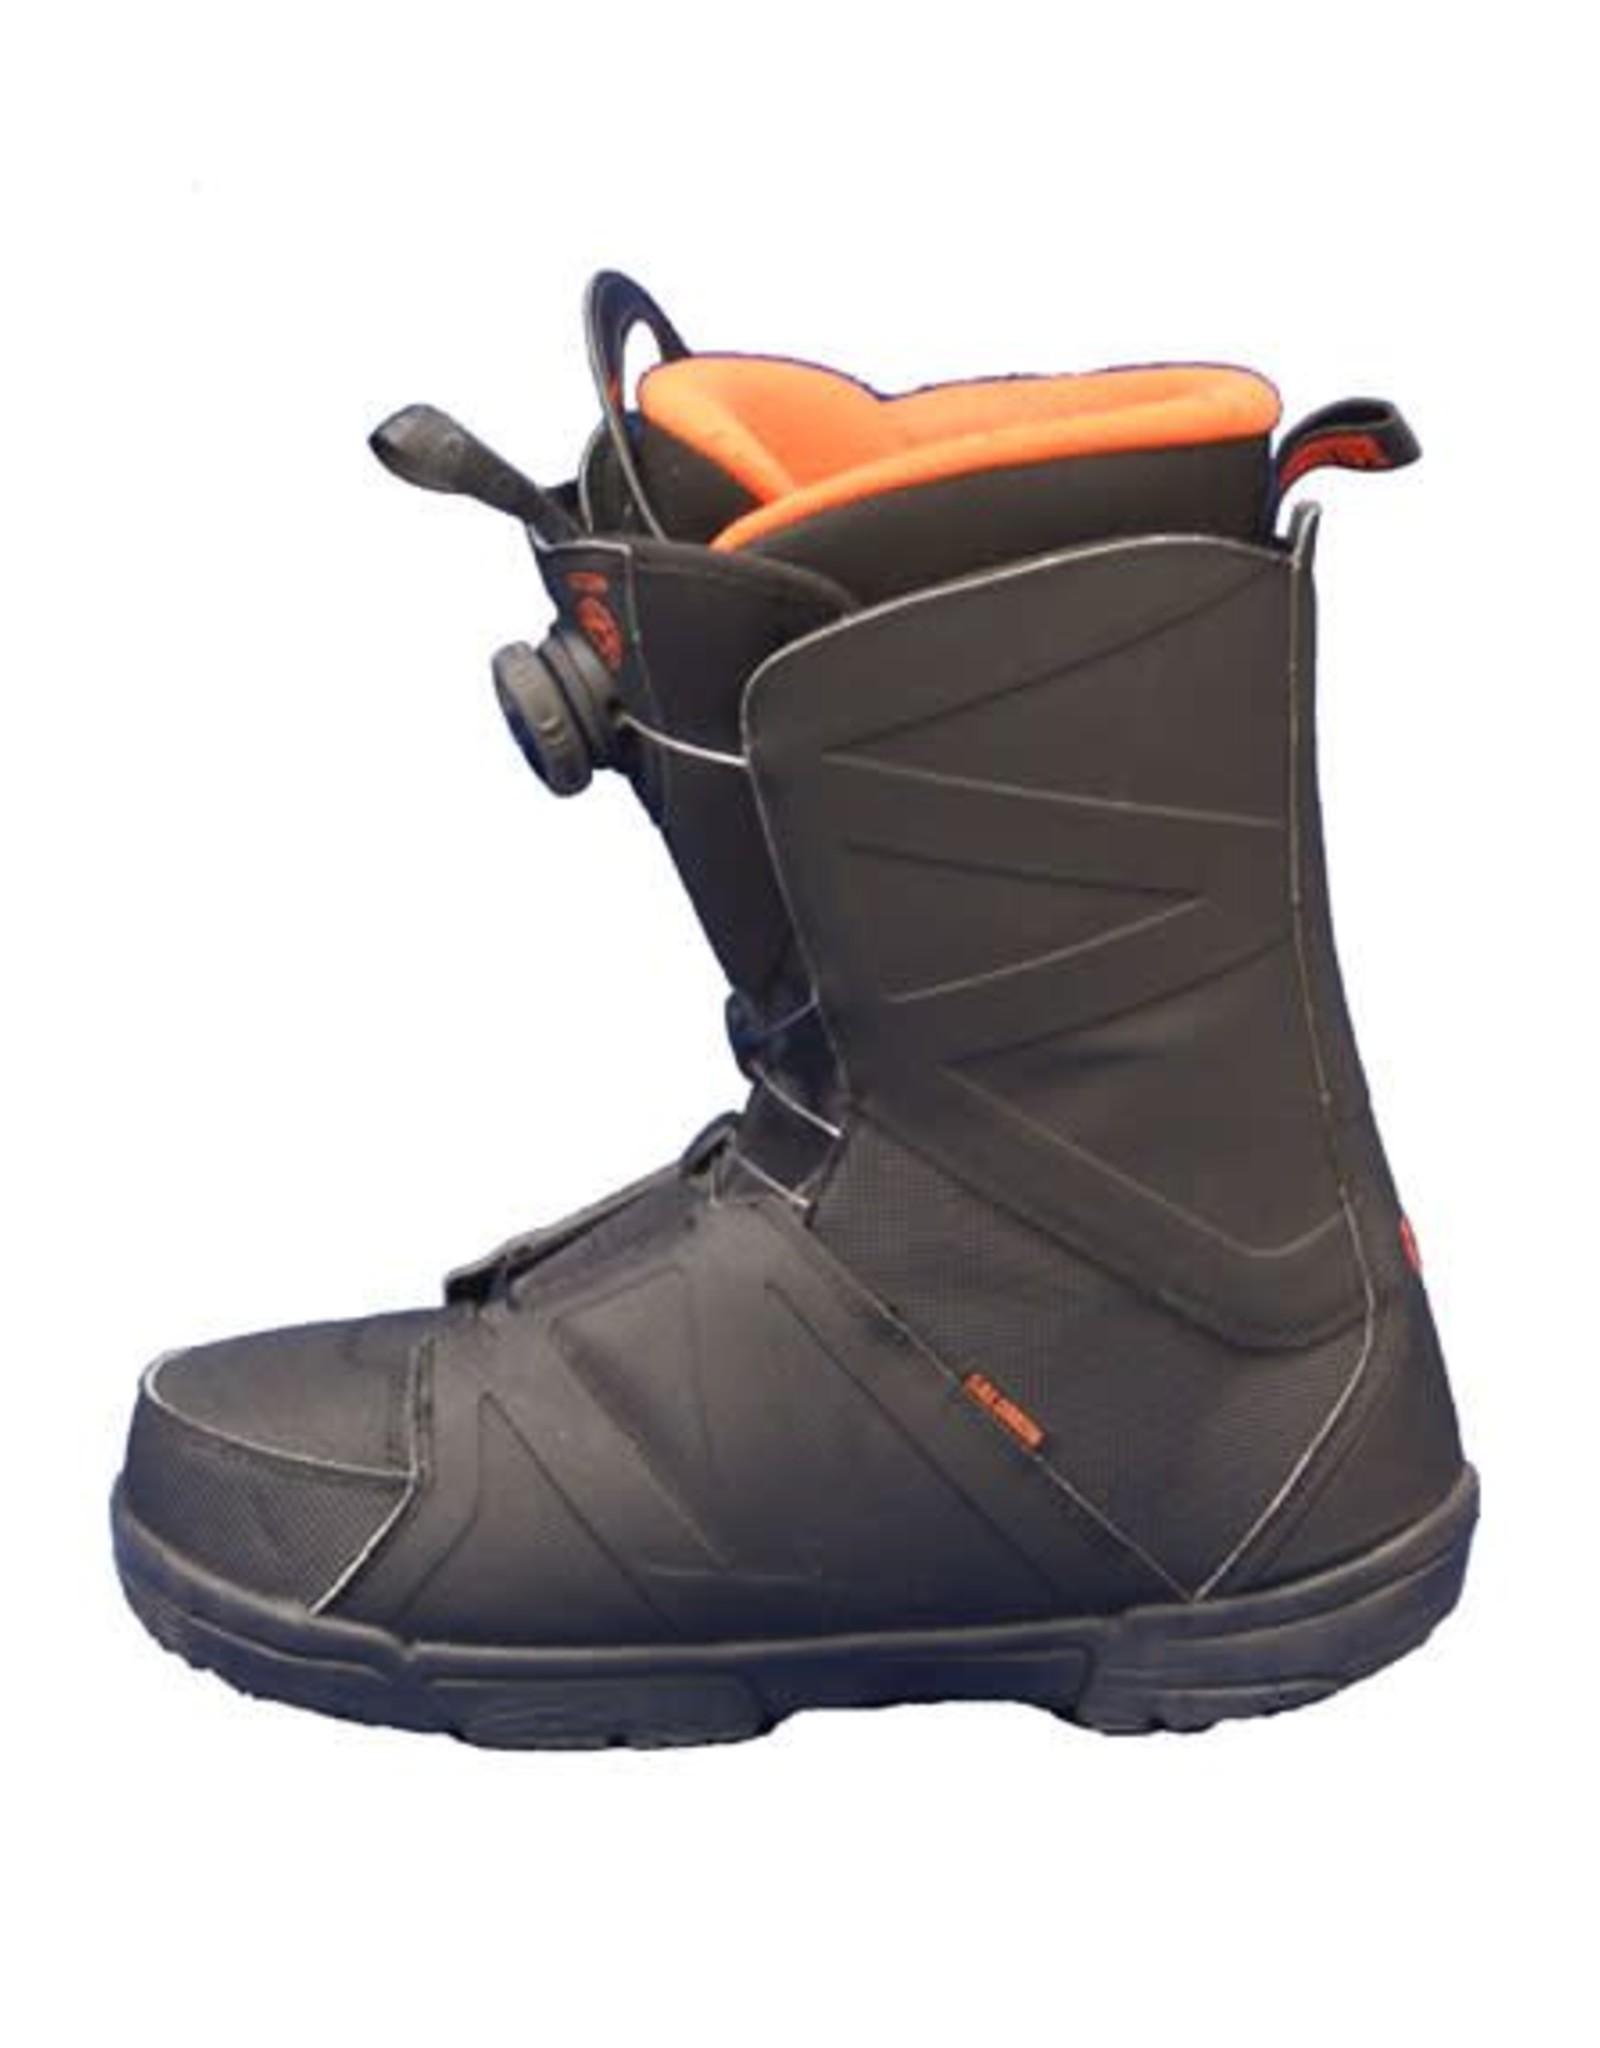 SALOMON Snowboardschoenen SALOMON Faction Zw/Oranje